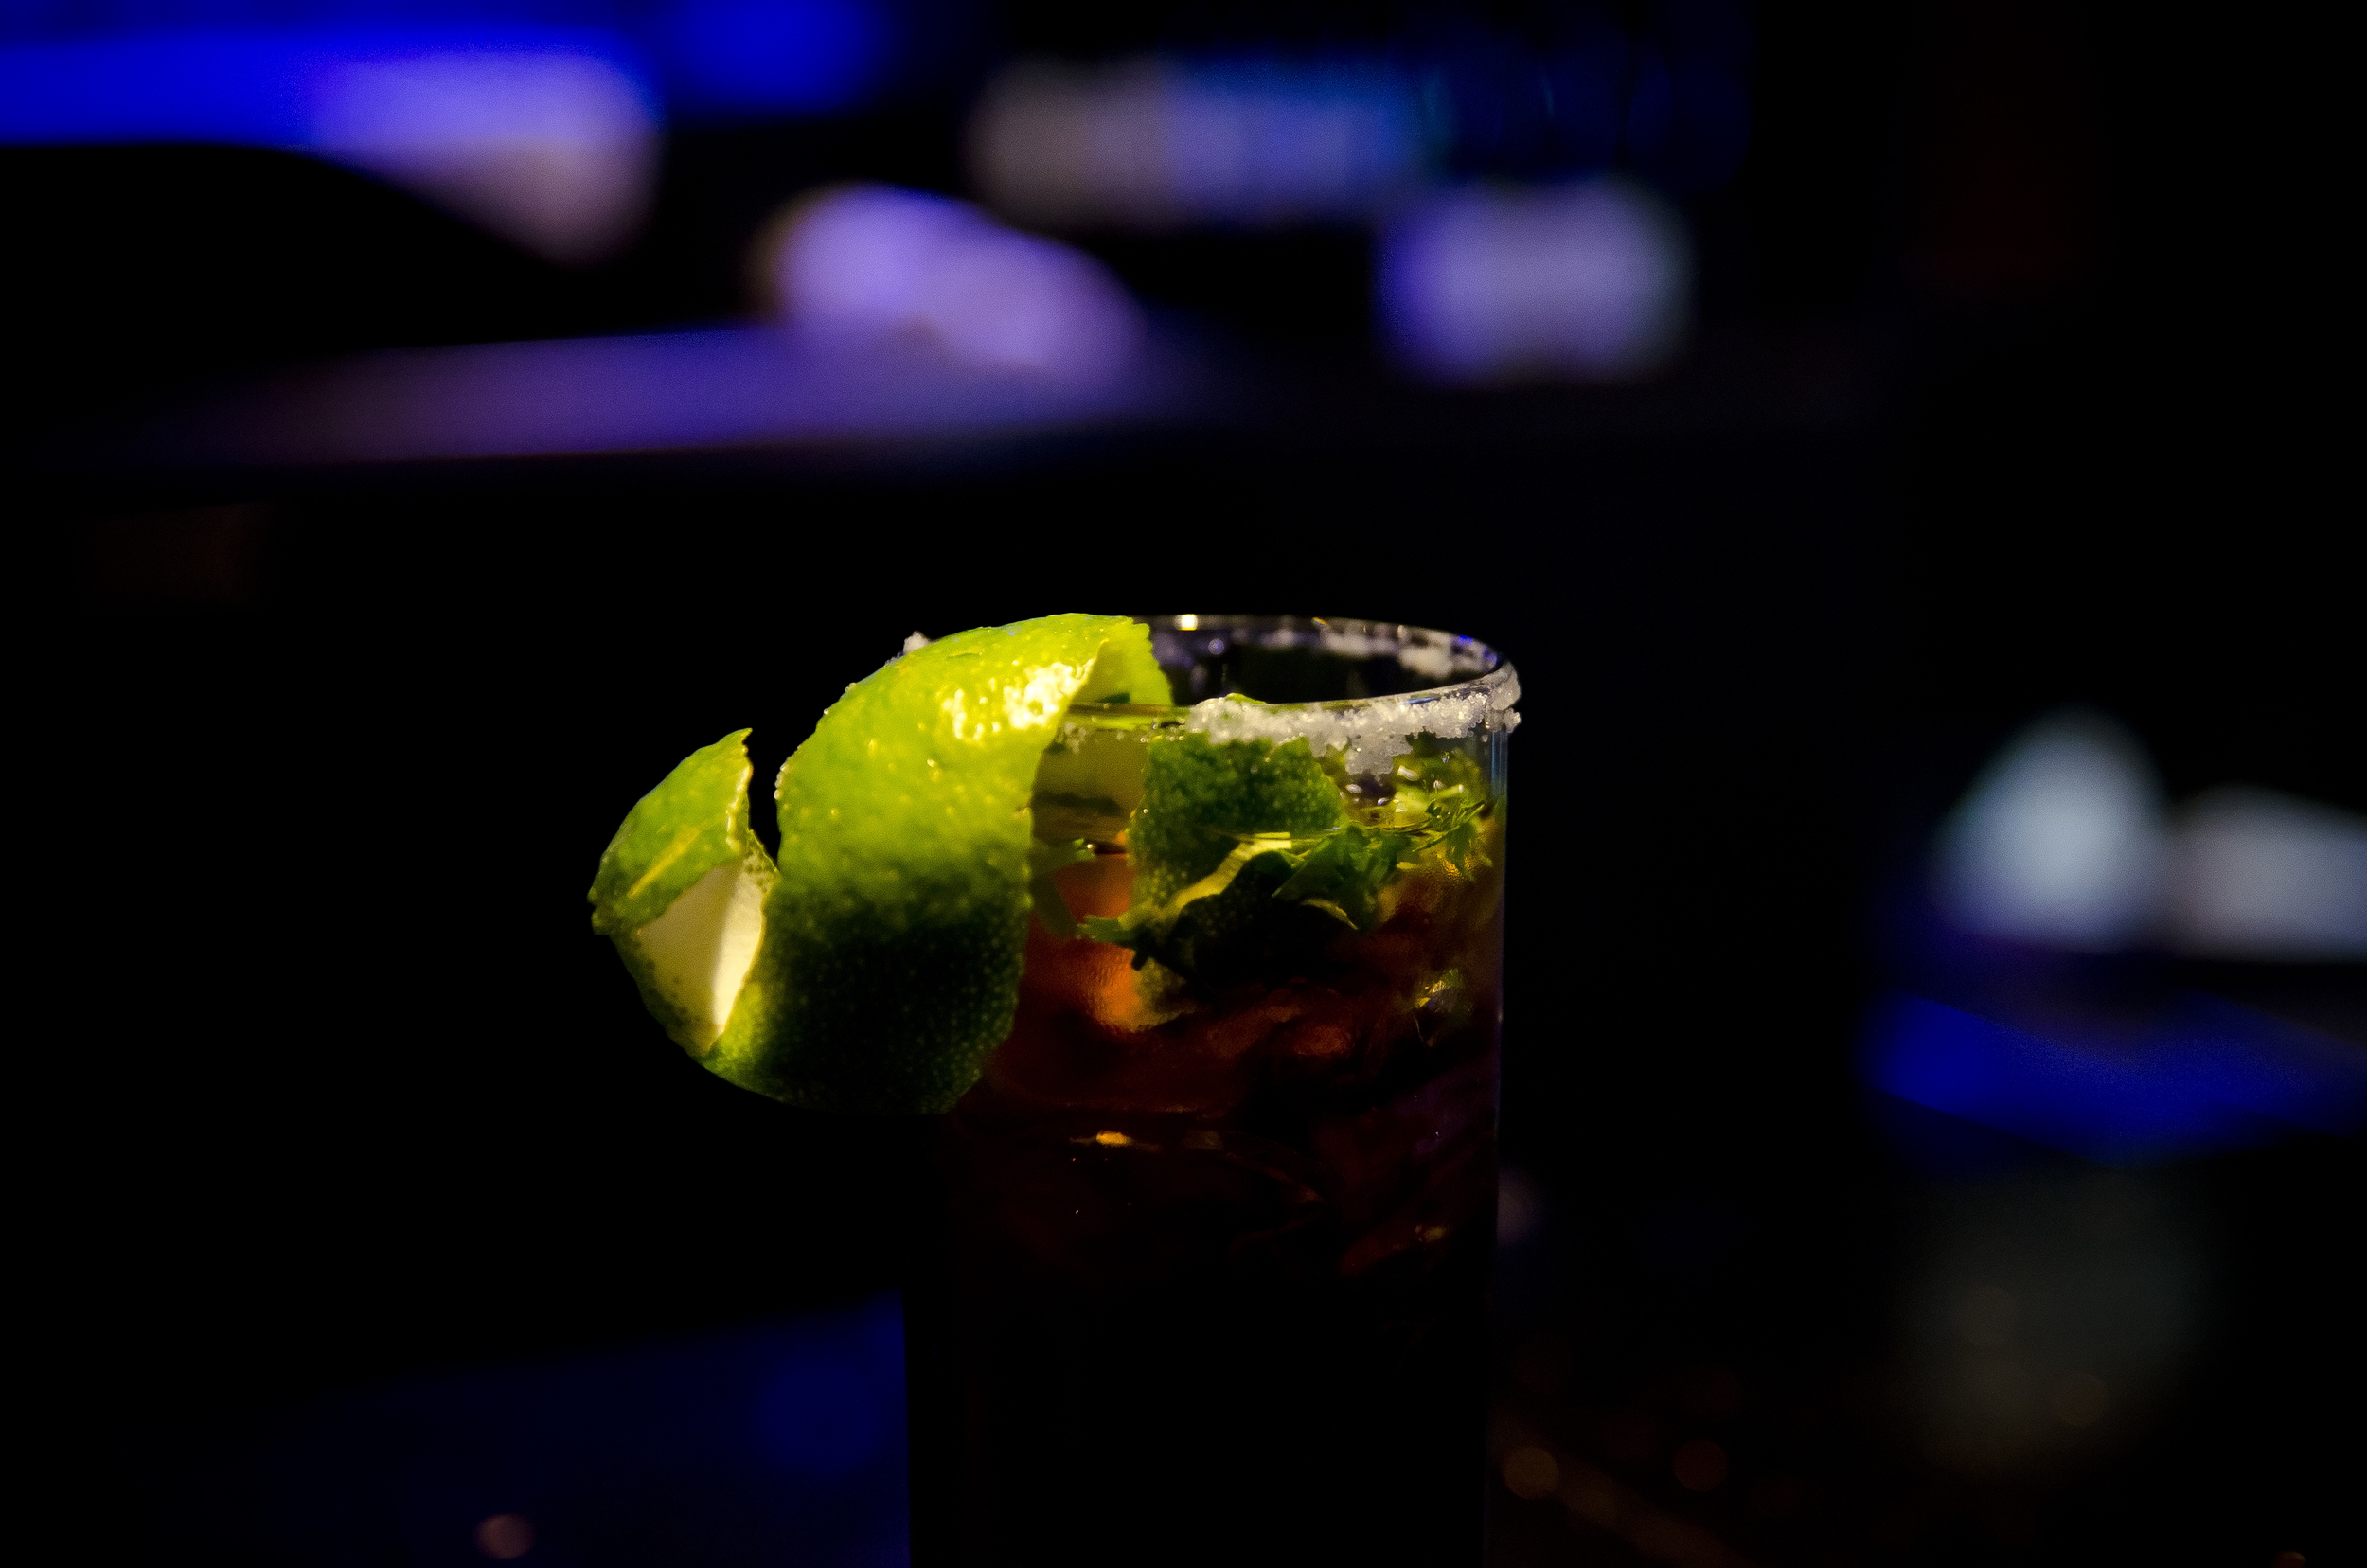 Monday: Mojito Monday  Tuesday: CLOSED  Wednesday: Wine Wednesday  Thursday: Taj Mahal Thursday  Friday: Fisher Friday  Saturday: Scotch Saturday  Sunday: Screw-Driver Sunday